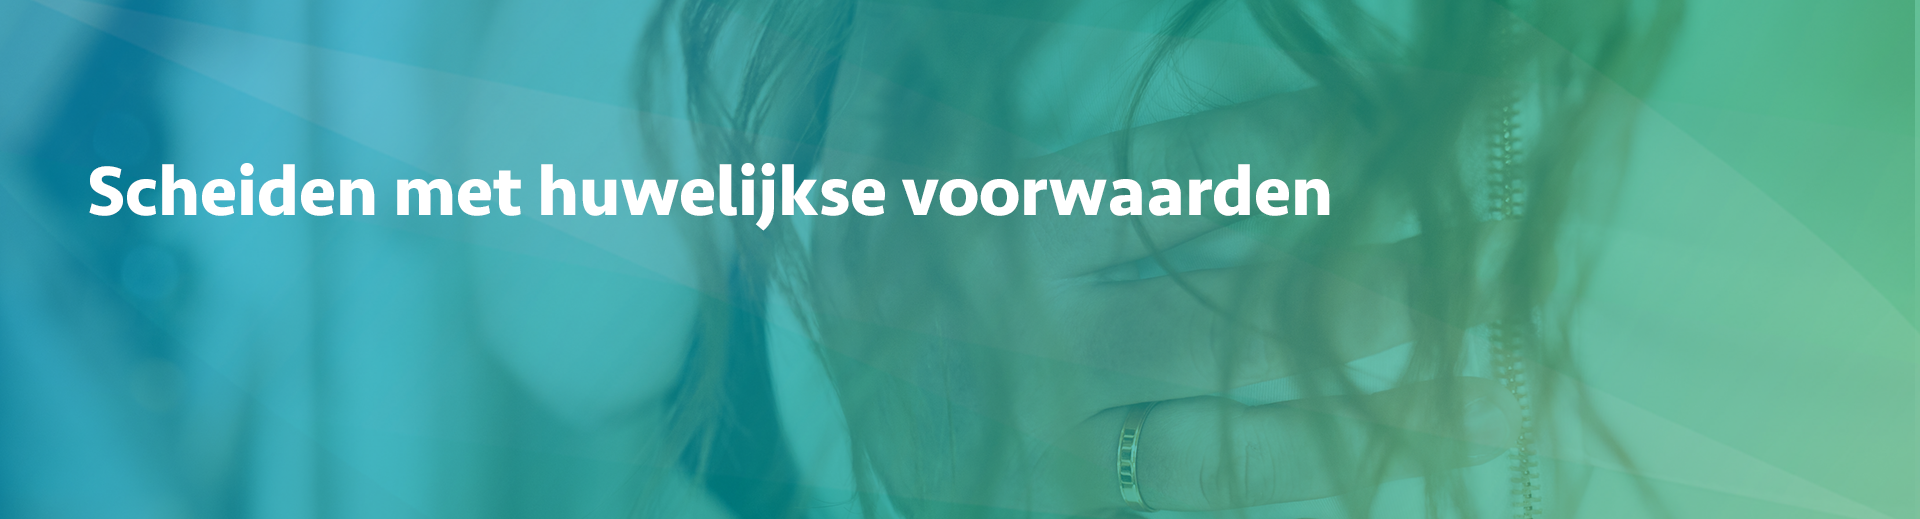 Scheiden met huwelijkse voorwaarden - Scheidingsplanner Hilversum - Bilthoven - Soest - Het Gooi